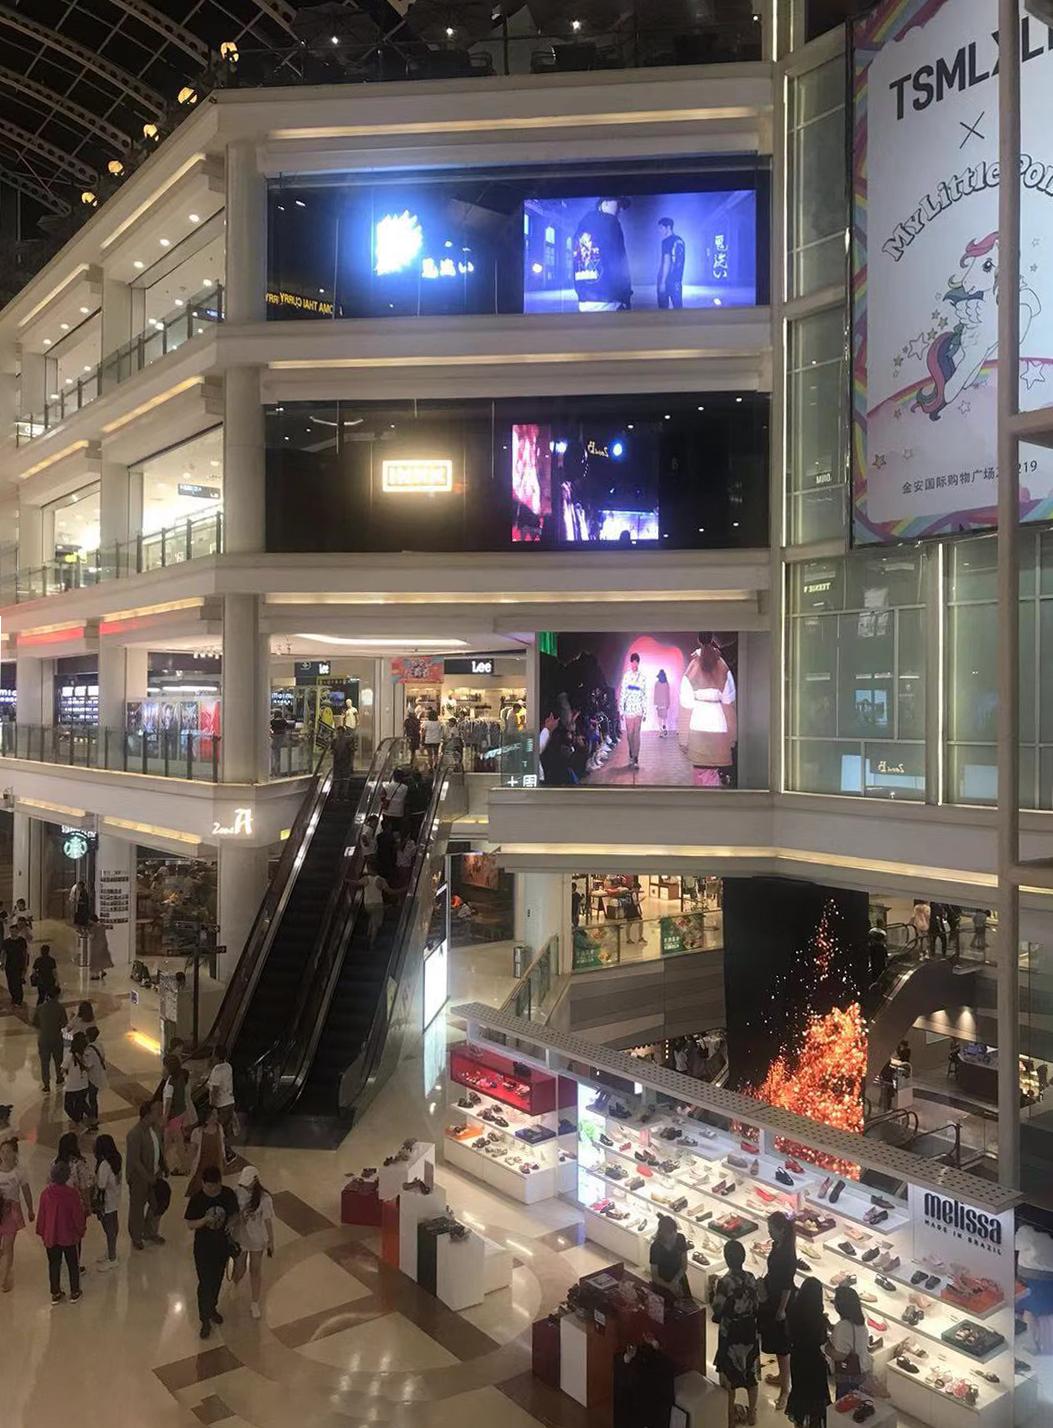 哈尔滨中央大街xx商场项目(窗口屏).png